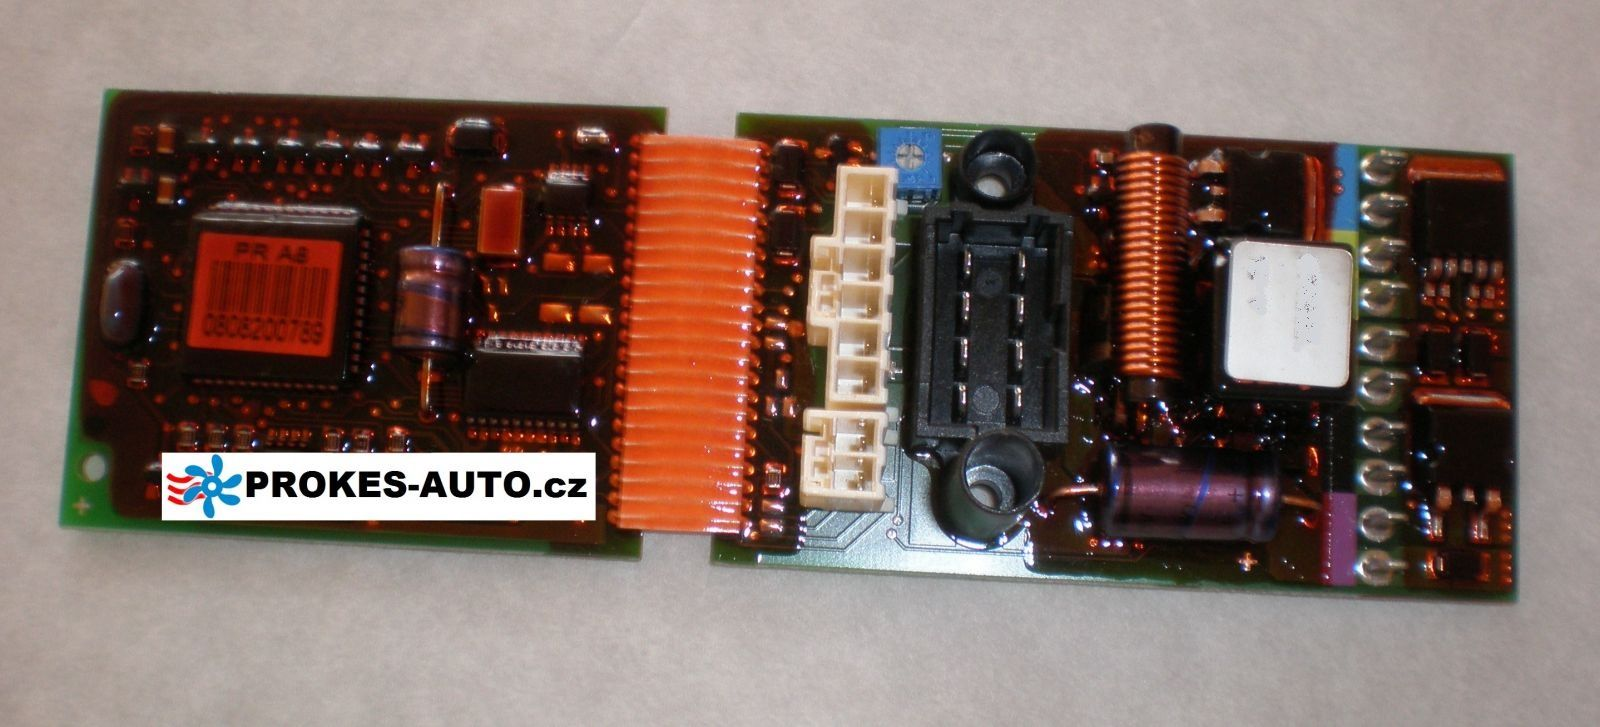 Webasto riadiaca jednotka pre Air top 2000 / 2000 S 24V diesel 87453 / 1322711